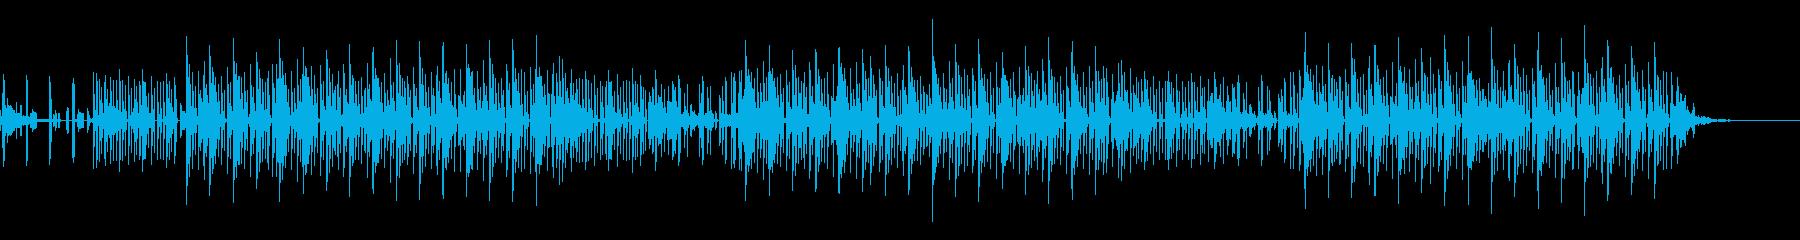 シンセサイザーを使った静かなBGMの再生済みの波形